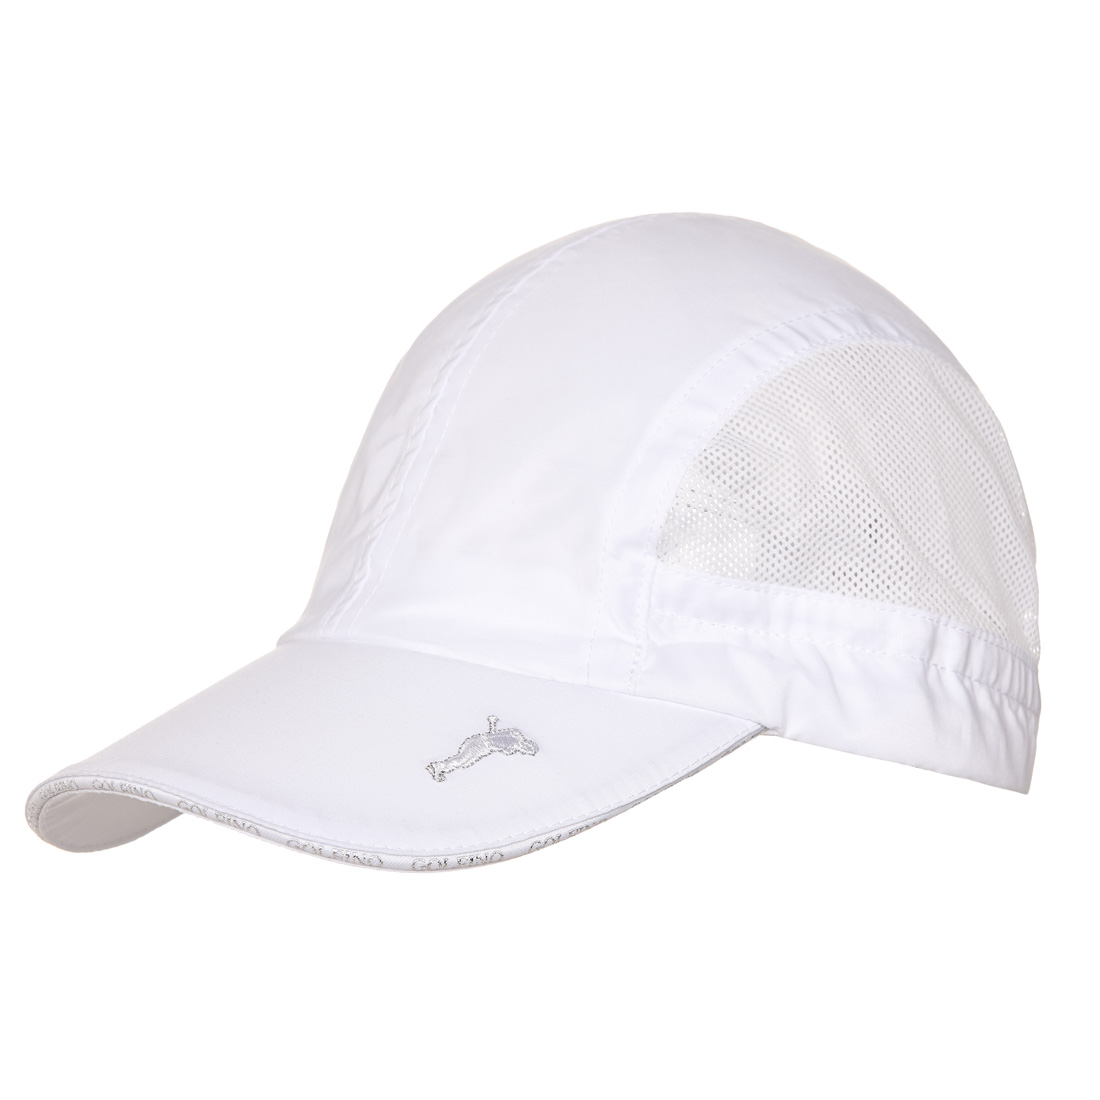 Damen Golfcap mit seitlichen Mesheinsätzen